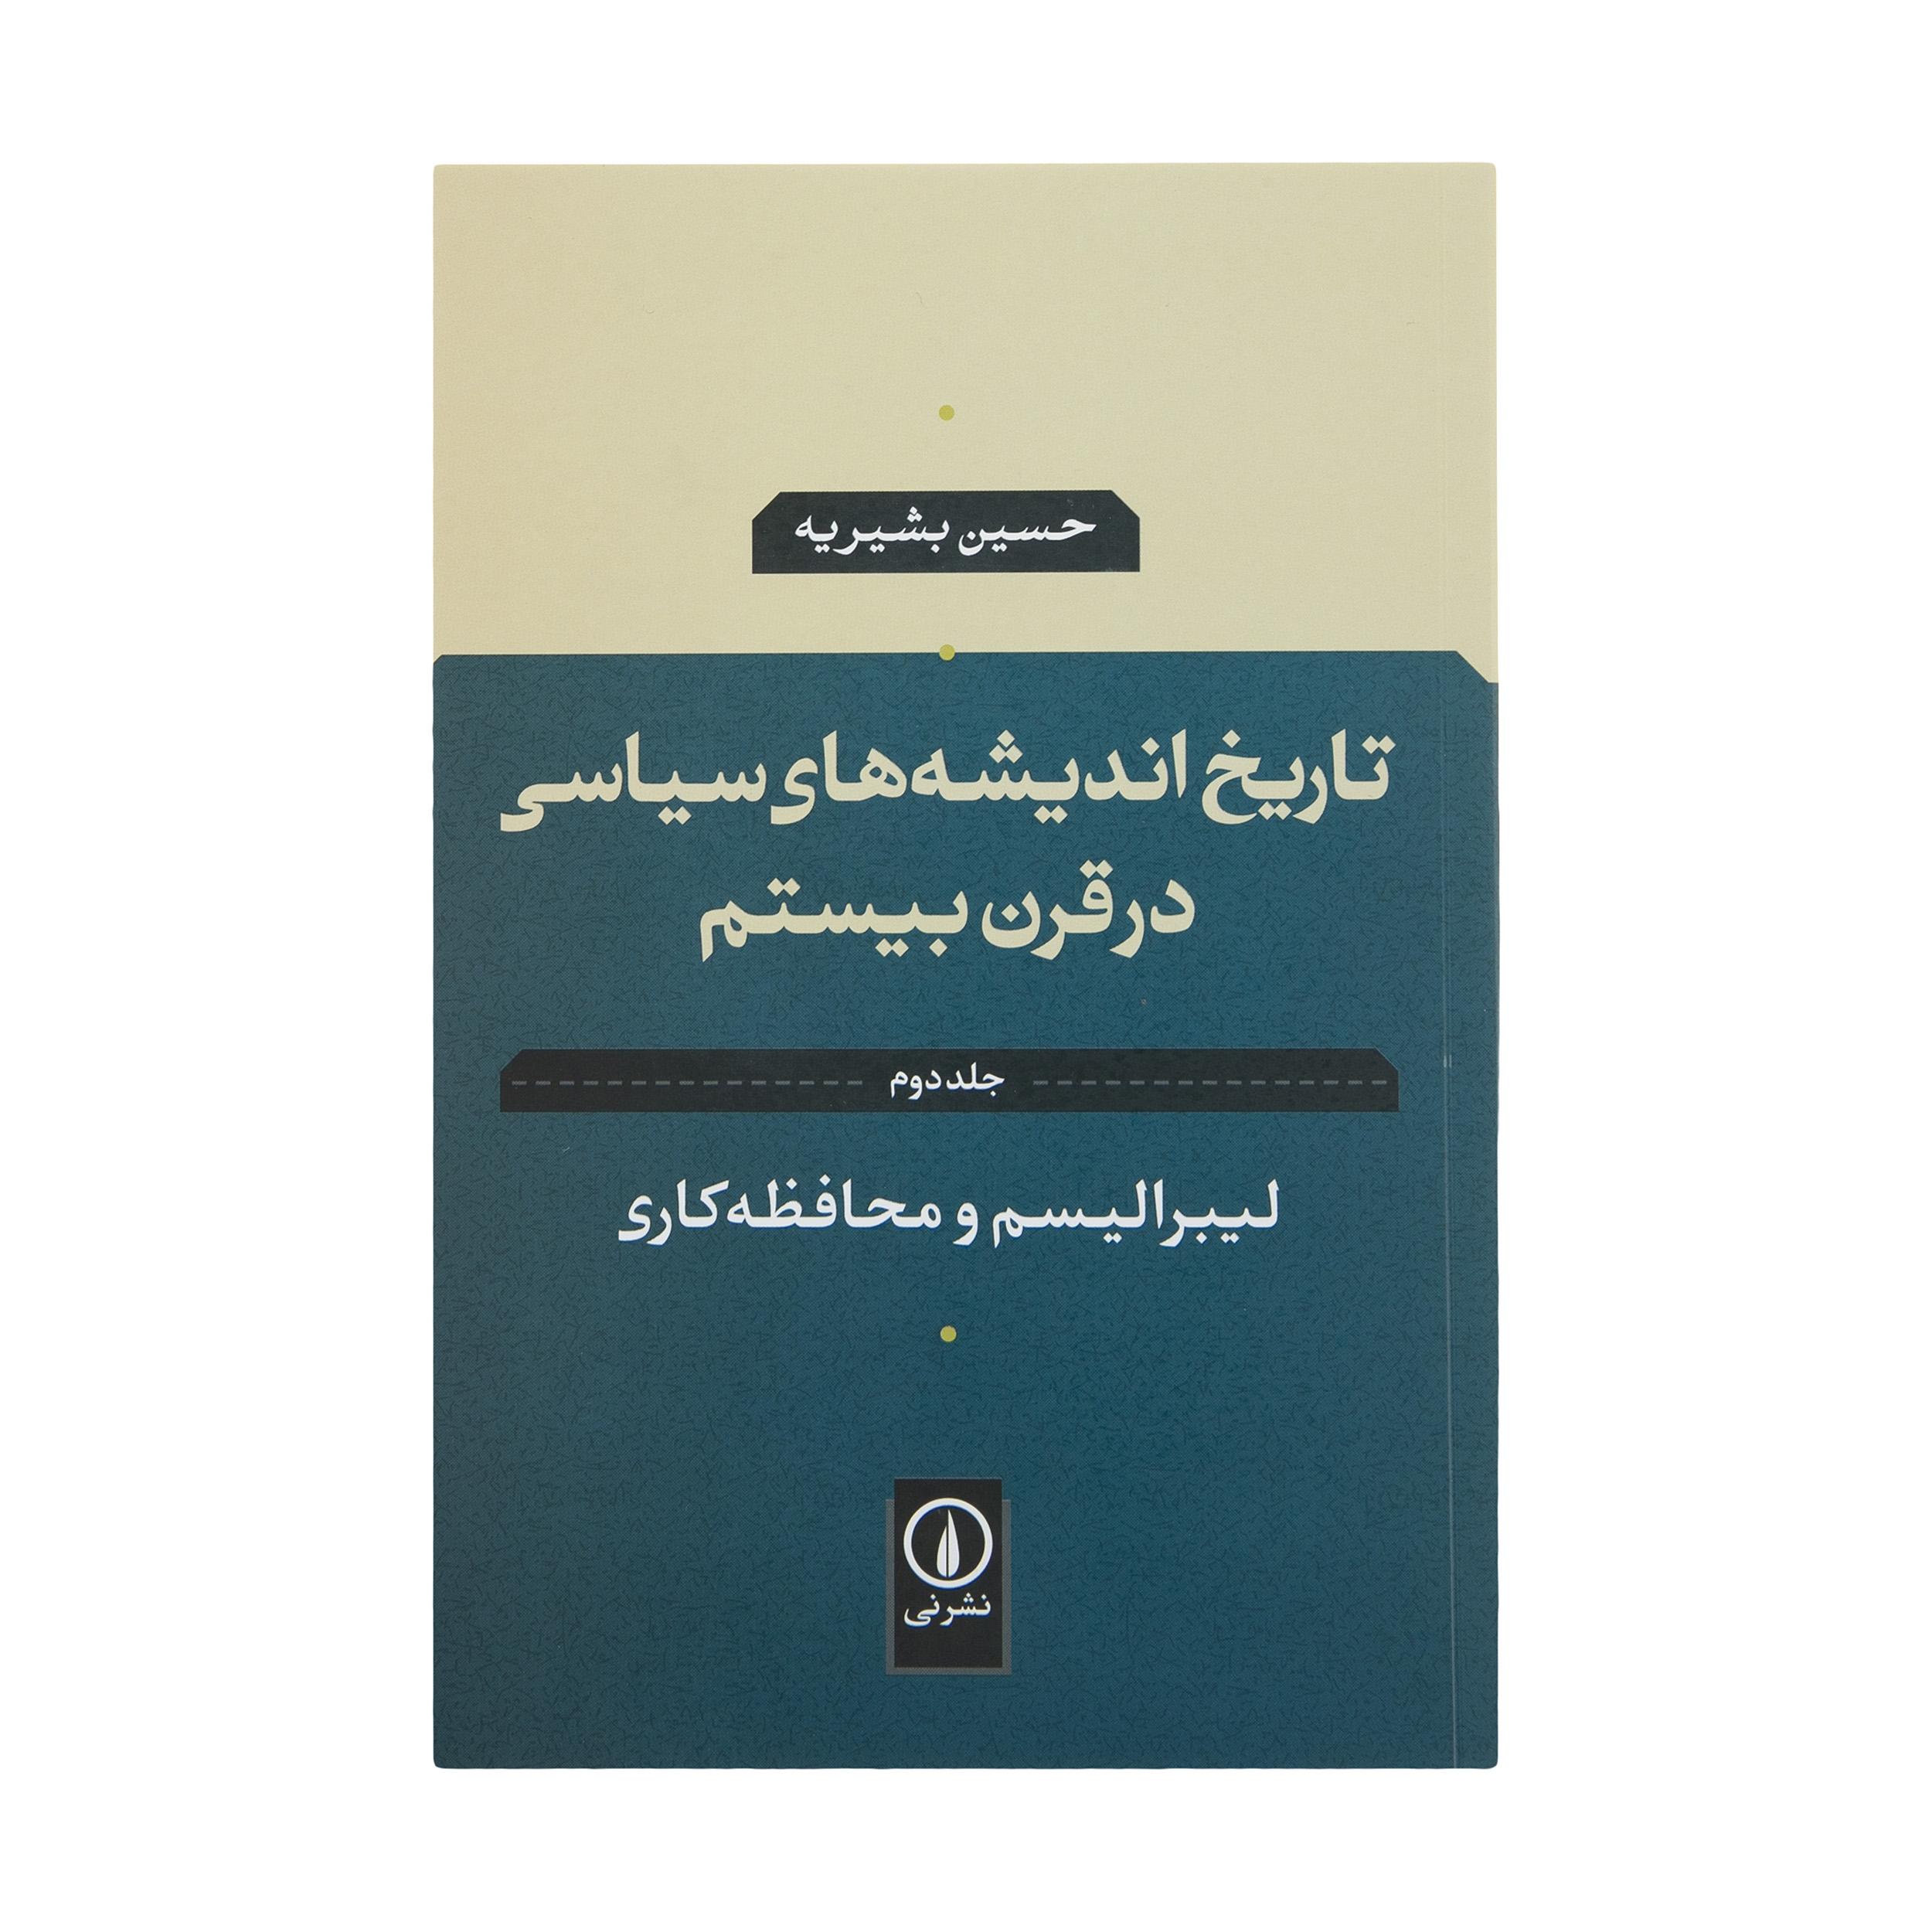 خرید                      کتاب تاریخ اندیشه های سیاسی در قرن بیستم اثر حسین بشیریه جلد دوم